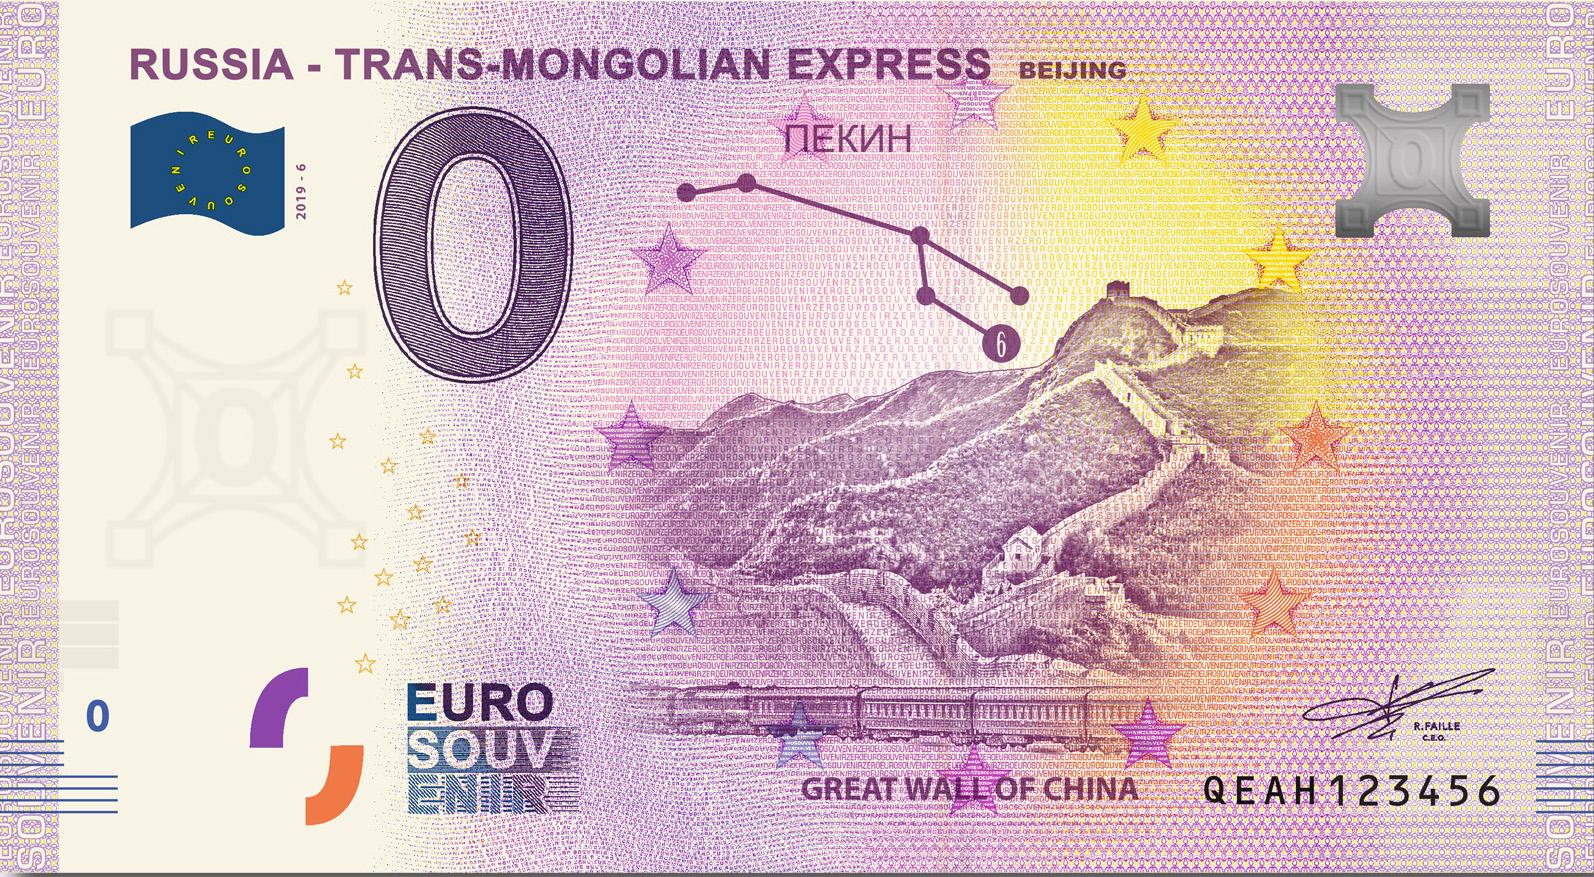 0 Euro Russia Trans Mongolian Express 6.jpg